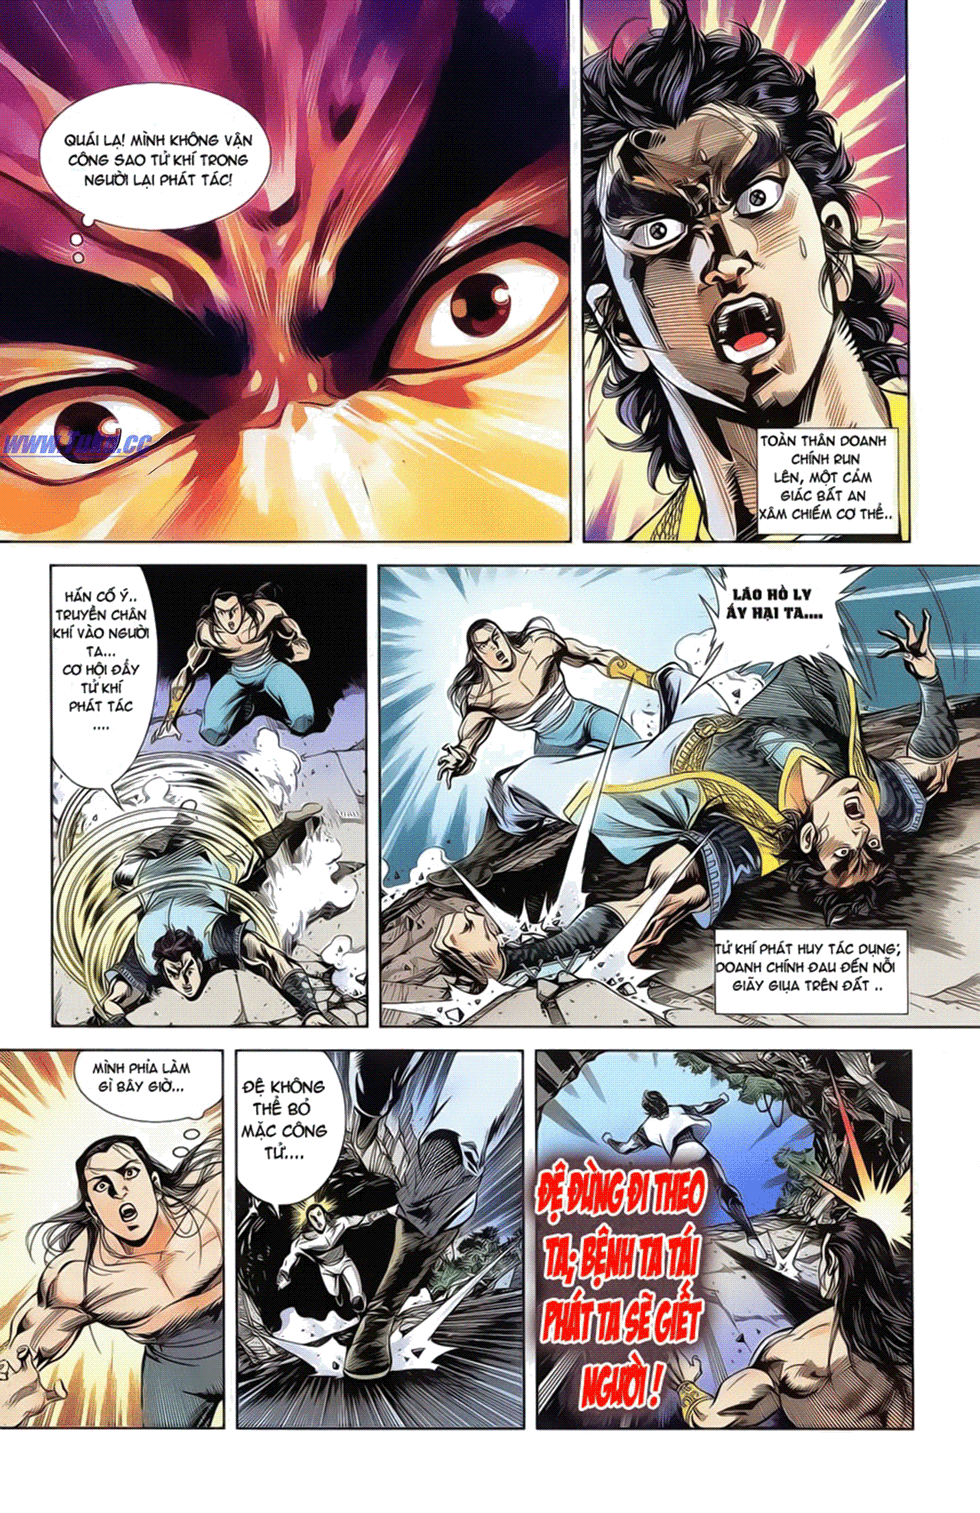 Tần Vương Doanh Chính chapter 18 trang 23